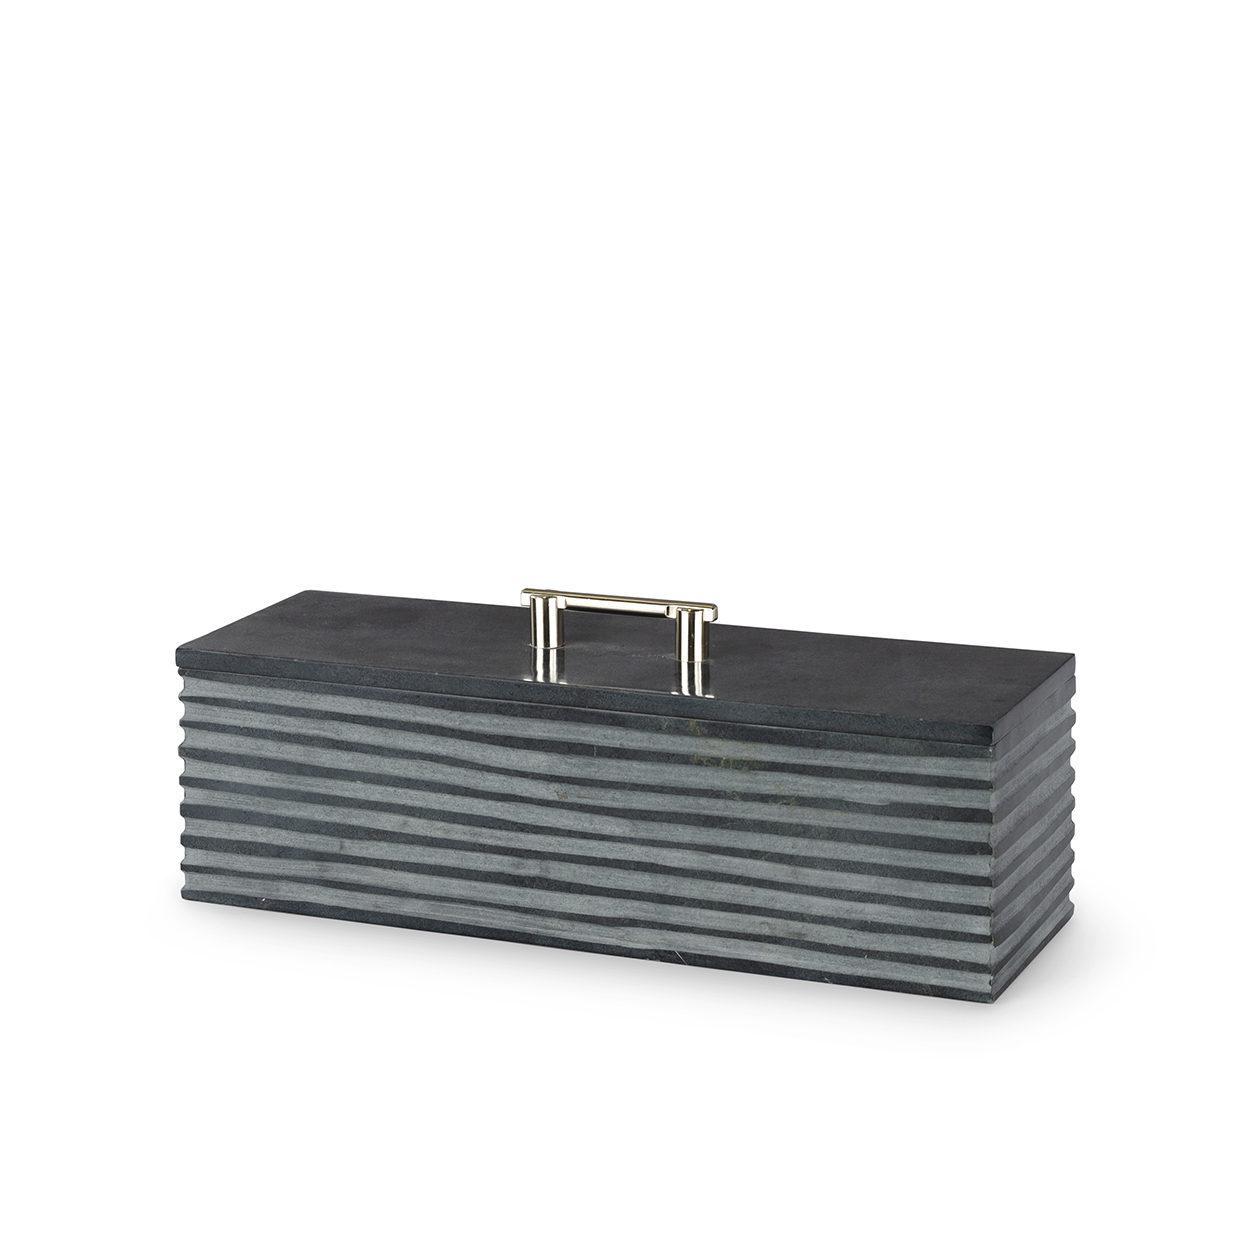 Stacked Soapstone Box, LG-$225.00